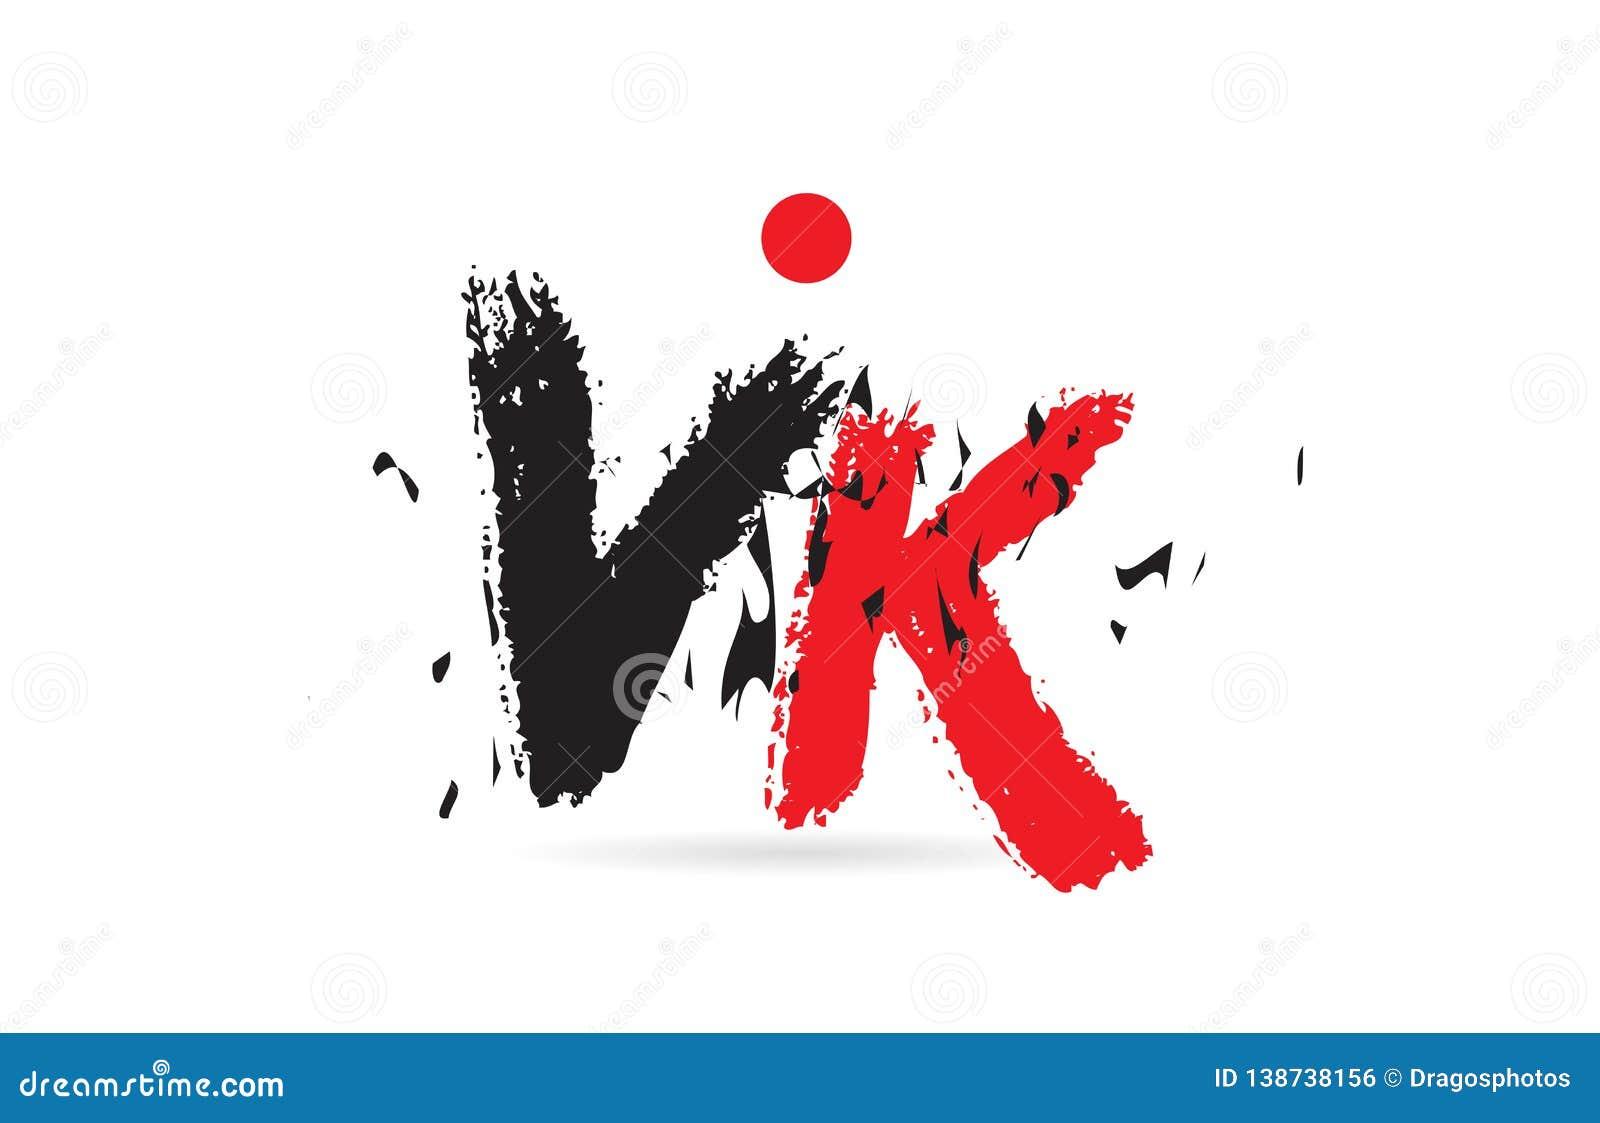 Alphabet Letter Combination VK V K With Grunge Texture Logo